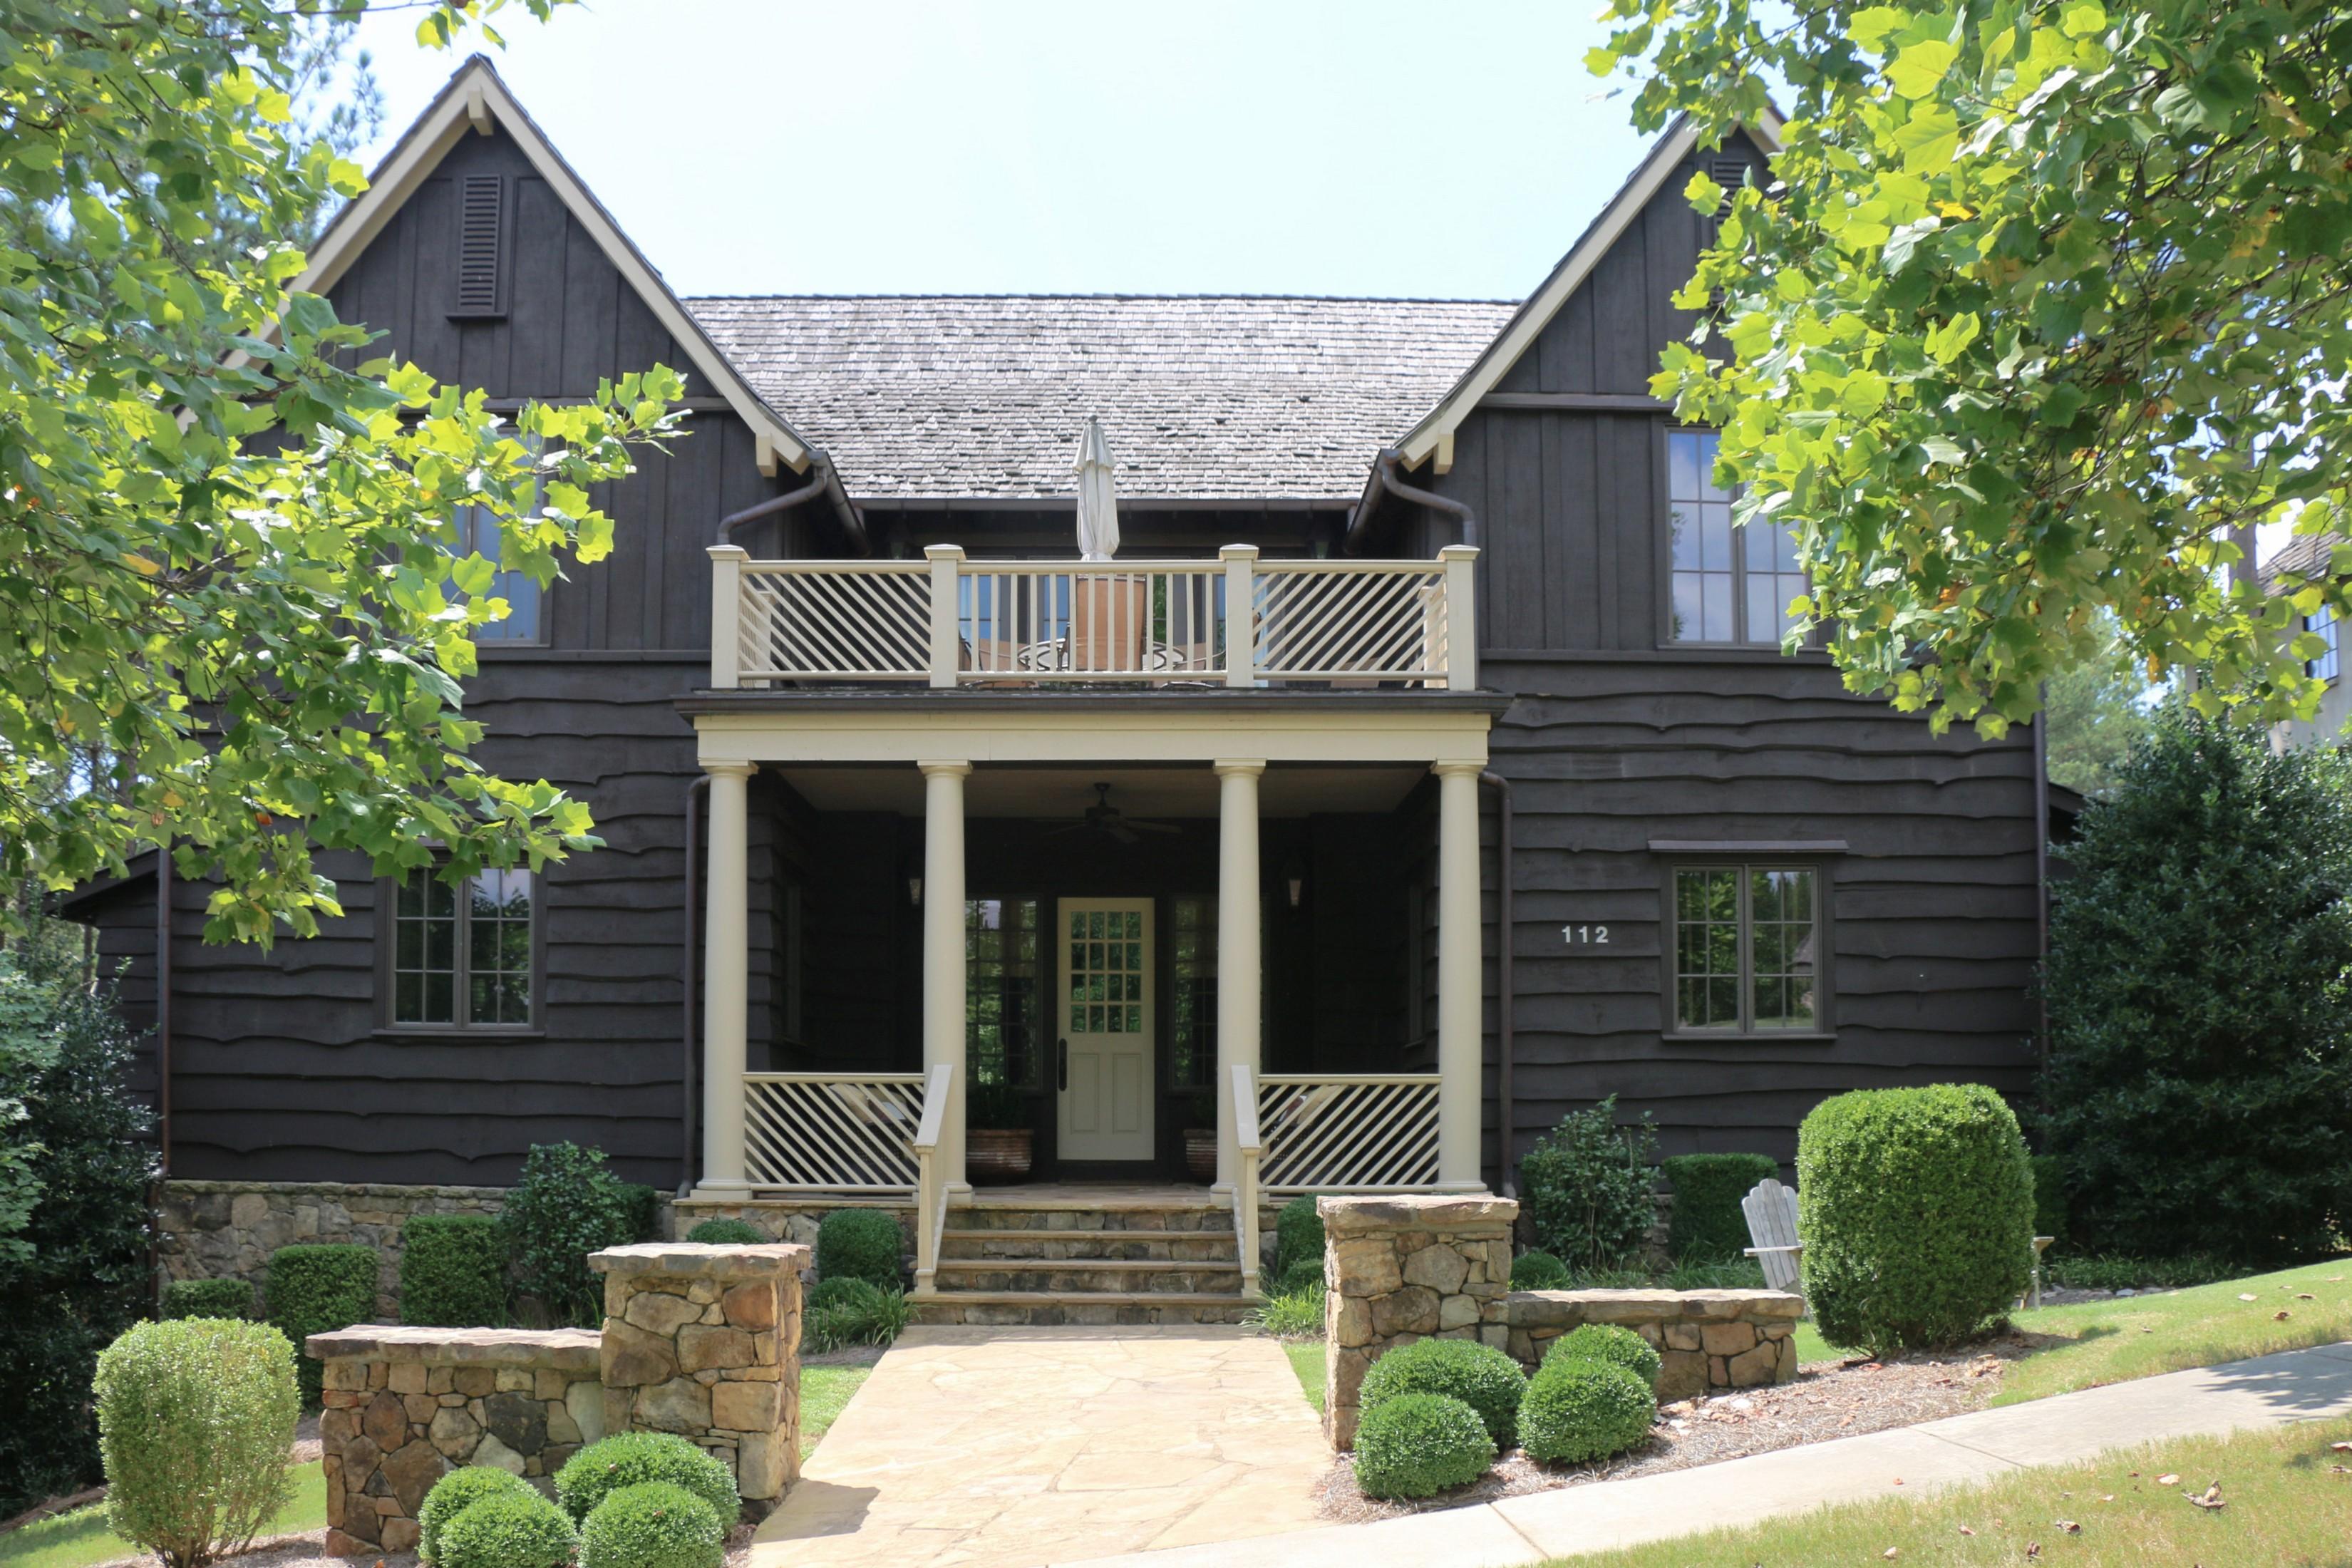 Villa per Vendita alle ore Summerour's Finest Inspiration on the Great Lawn 112 S. Lawn Drive Sunset, Carolina Del Sud, 29685 Stati Uniti